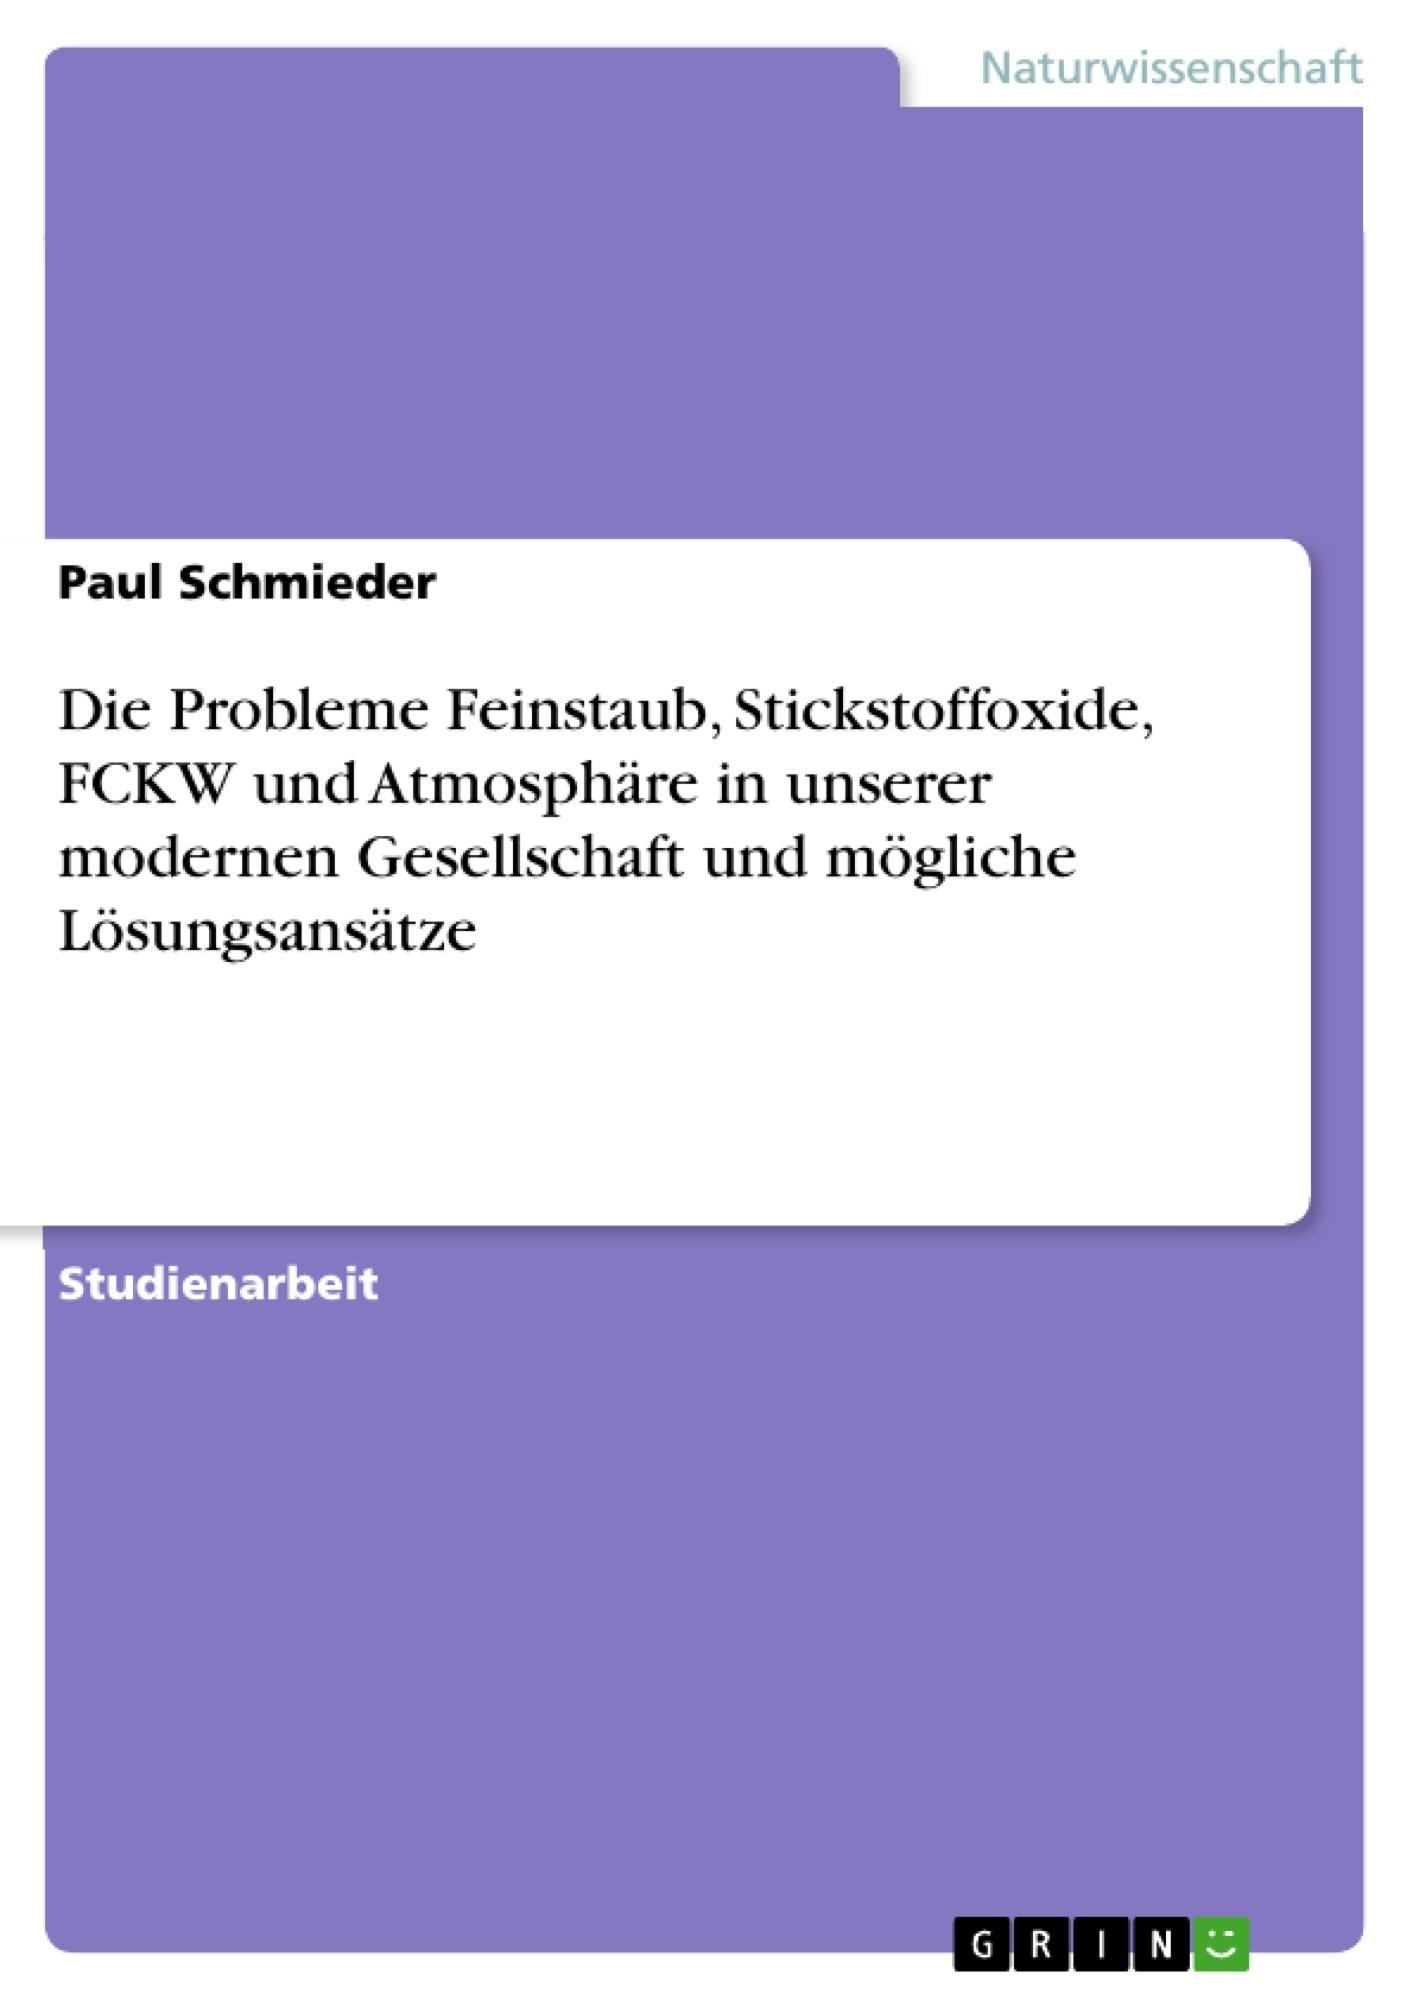 Titel: Die Probleme Feinstaub, Stickstoffoxide, FCKW und Atmosphäre in unserer modernen Gesellschaft und mögliche Lösungsansätze